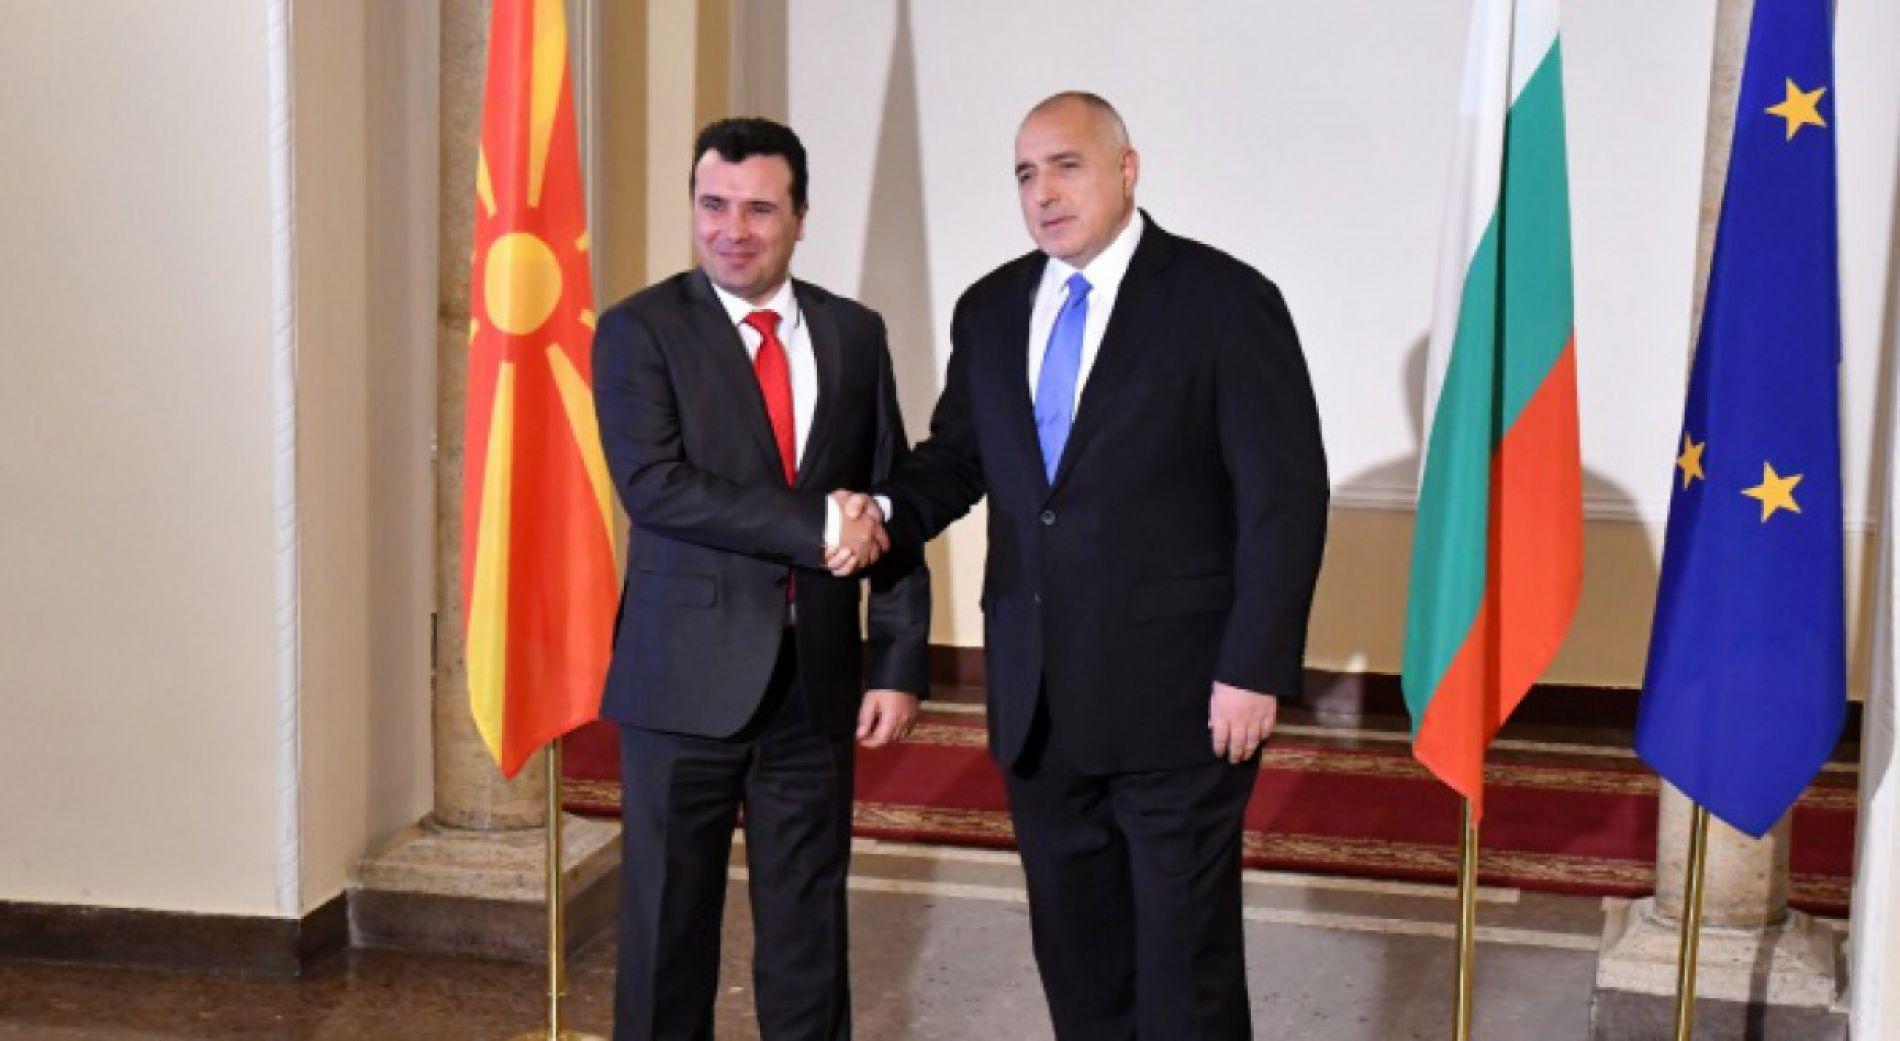 Болгария и Северная Македония председательствуют в Берлинском процессе